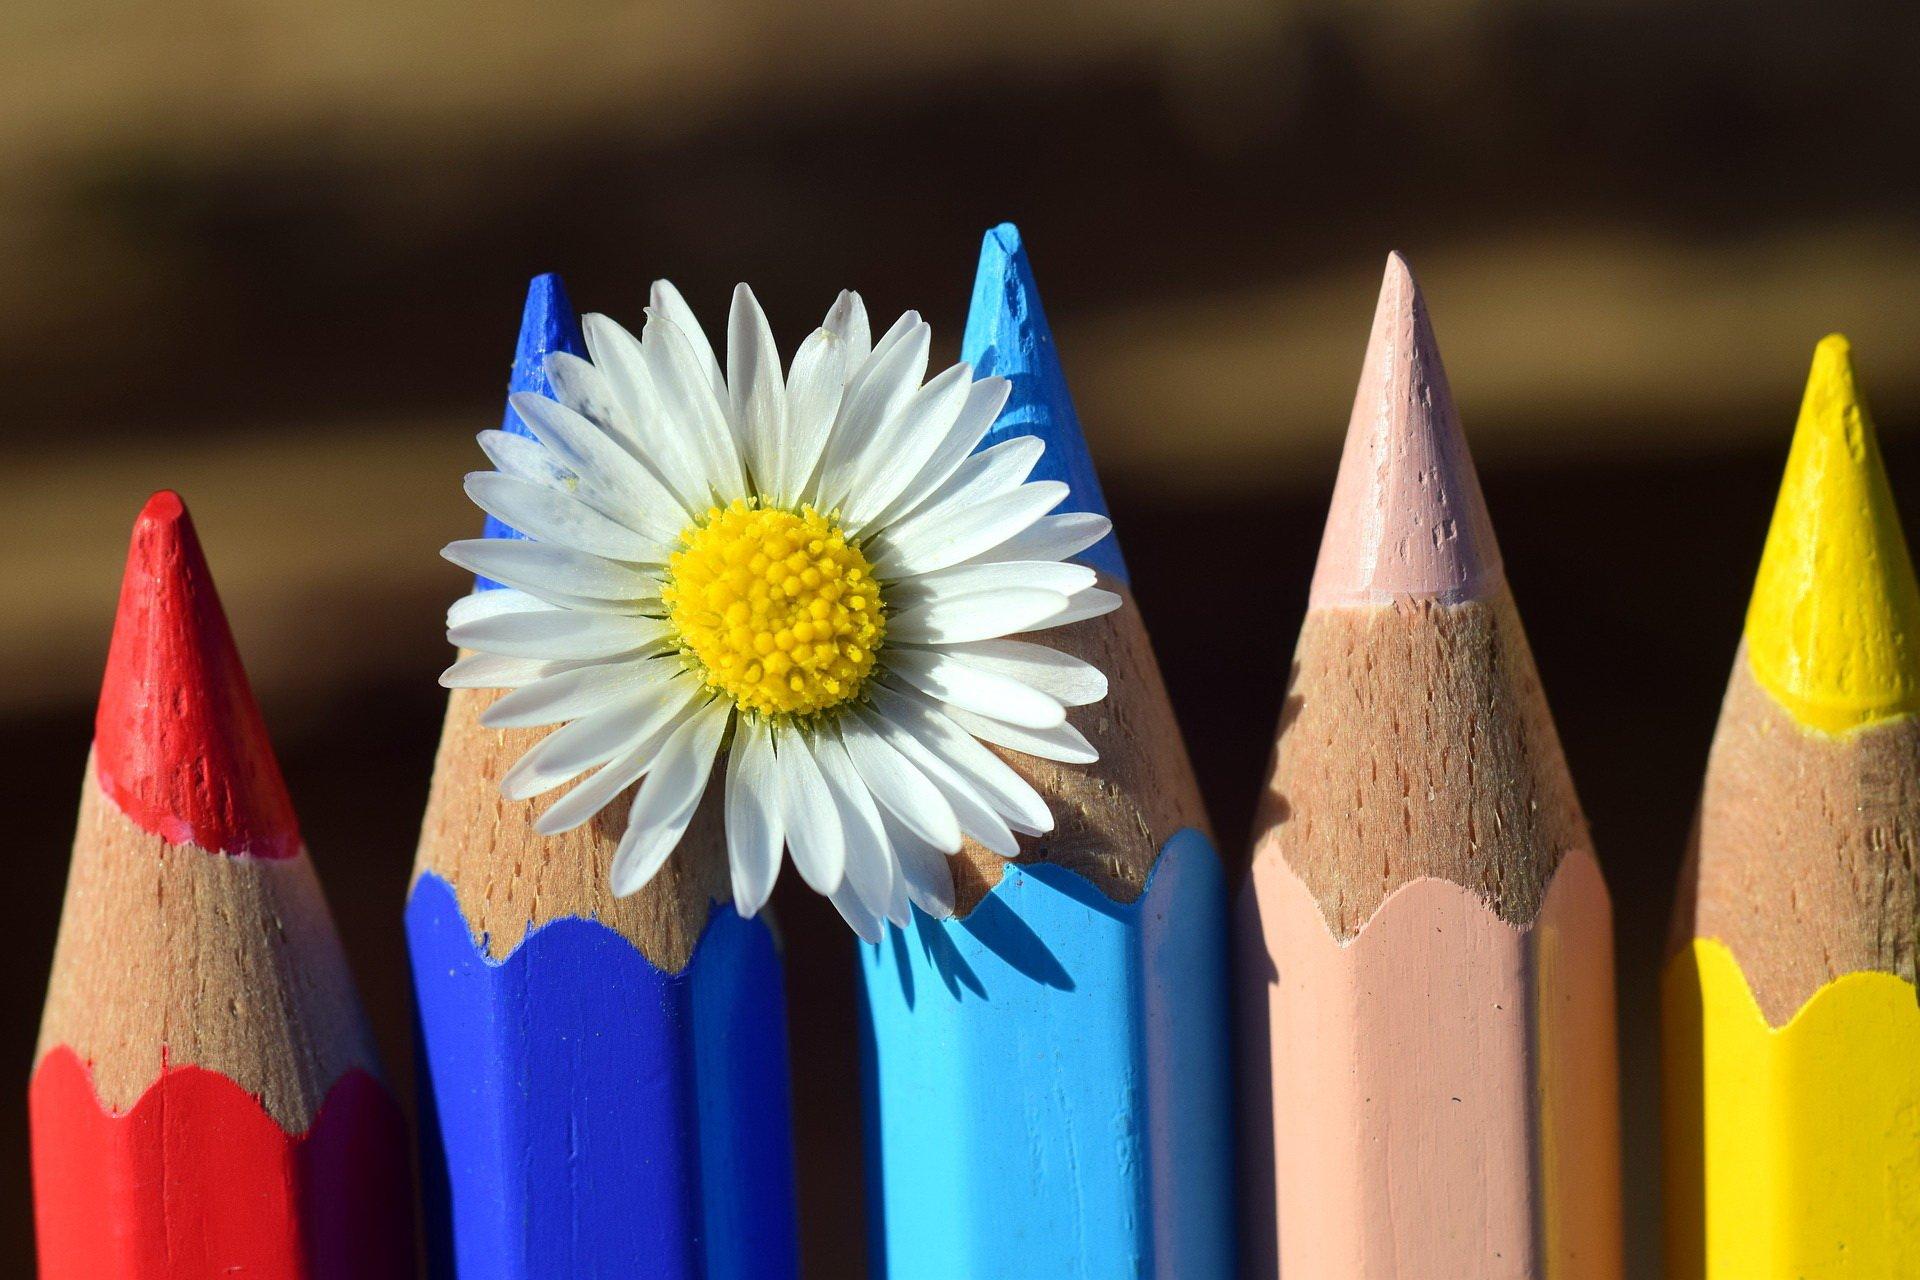 Kolorowe kredki piosenka dla dzieci, tekst i melodia